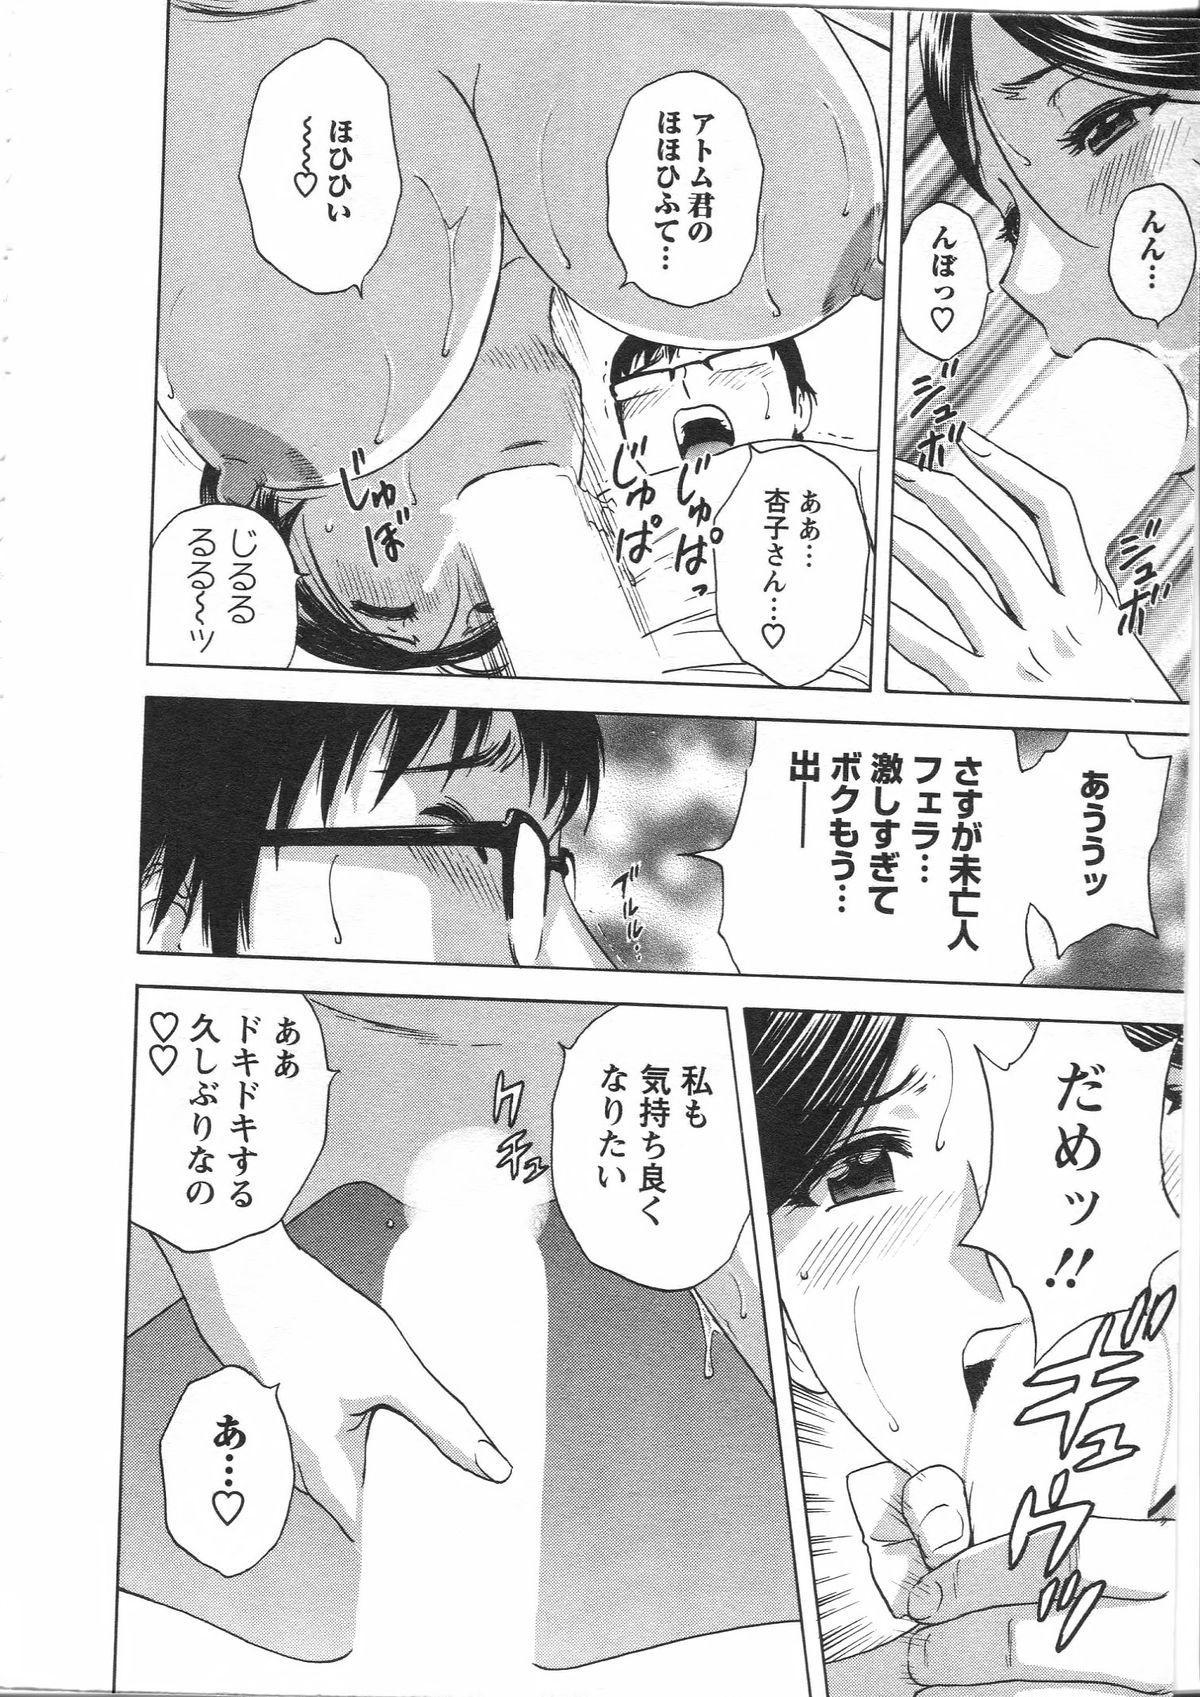 Manga no youna Hitozuma to no Hibi - Days with Married Women such as Comics. 75